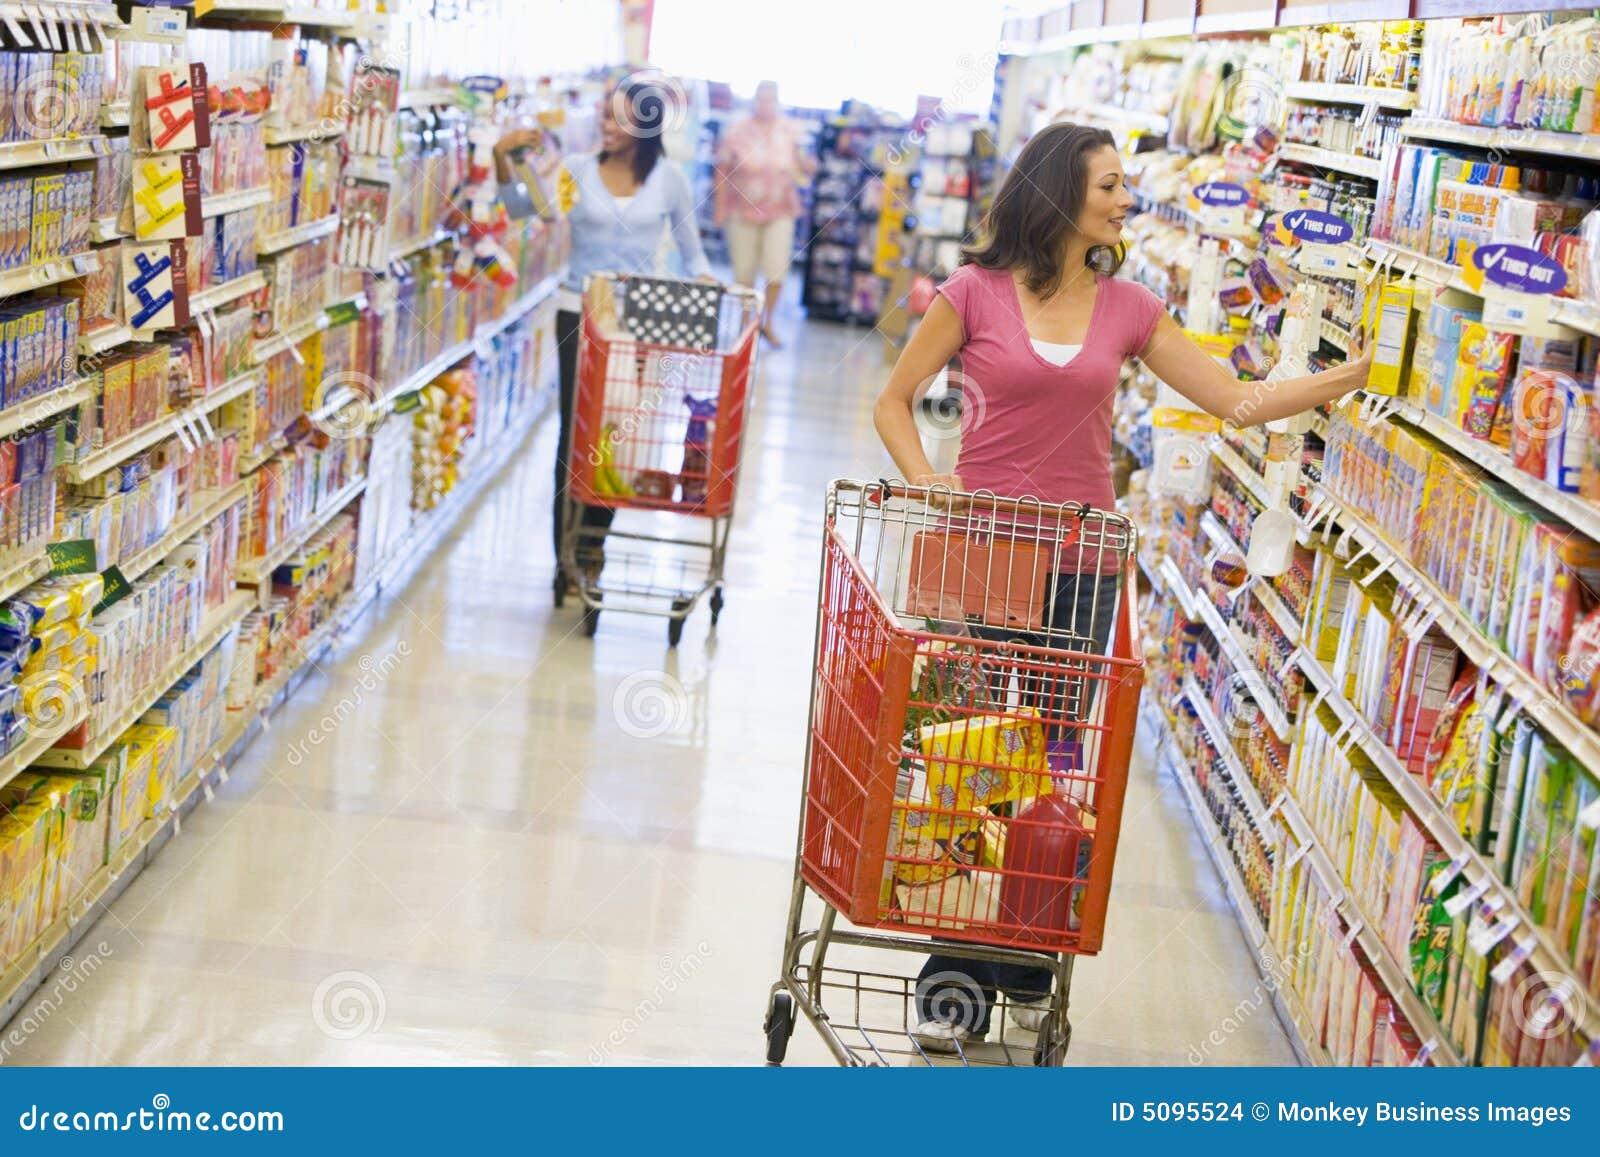 zwei frauen die im supermarkt kaufen stockfoto bild von lebensstil sch n 5095524. Black Bedroom Furniture Sets. Home Design Ideas